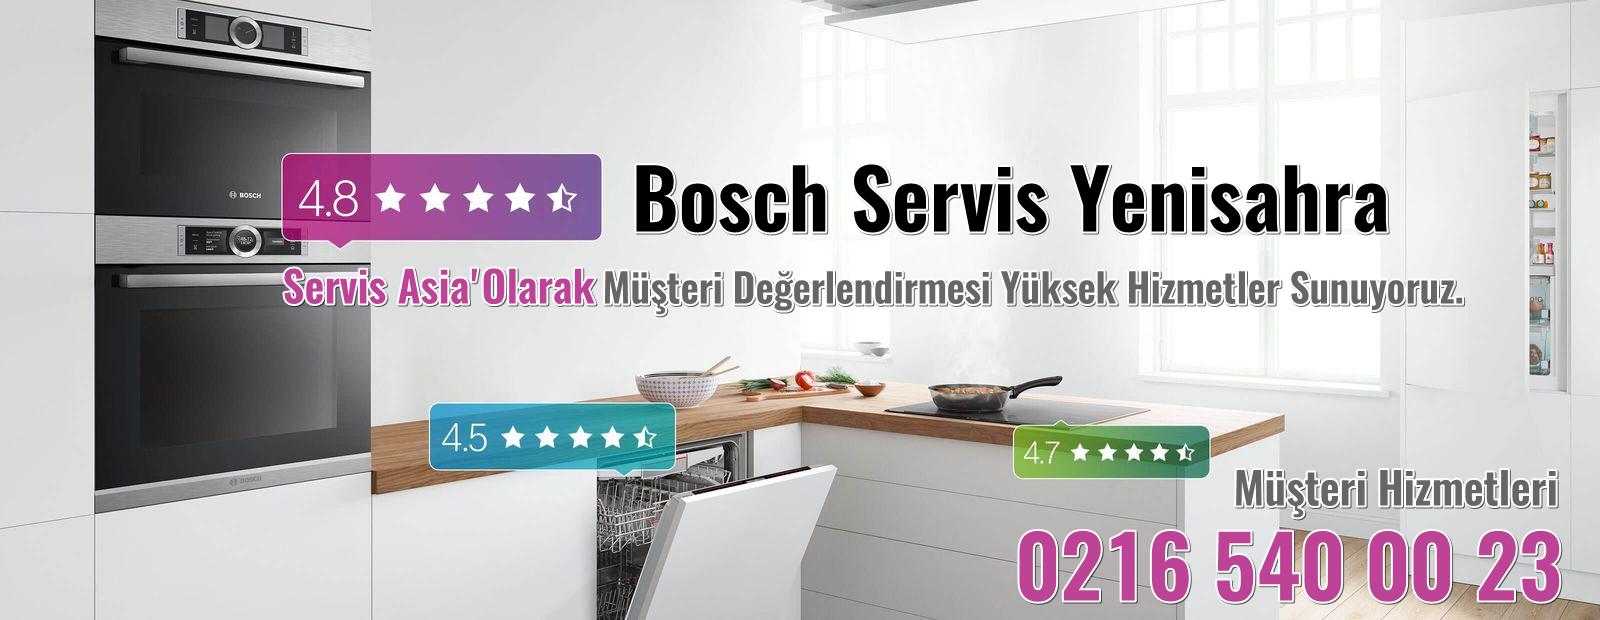 Bosch Servis Yenisahra